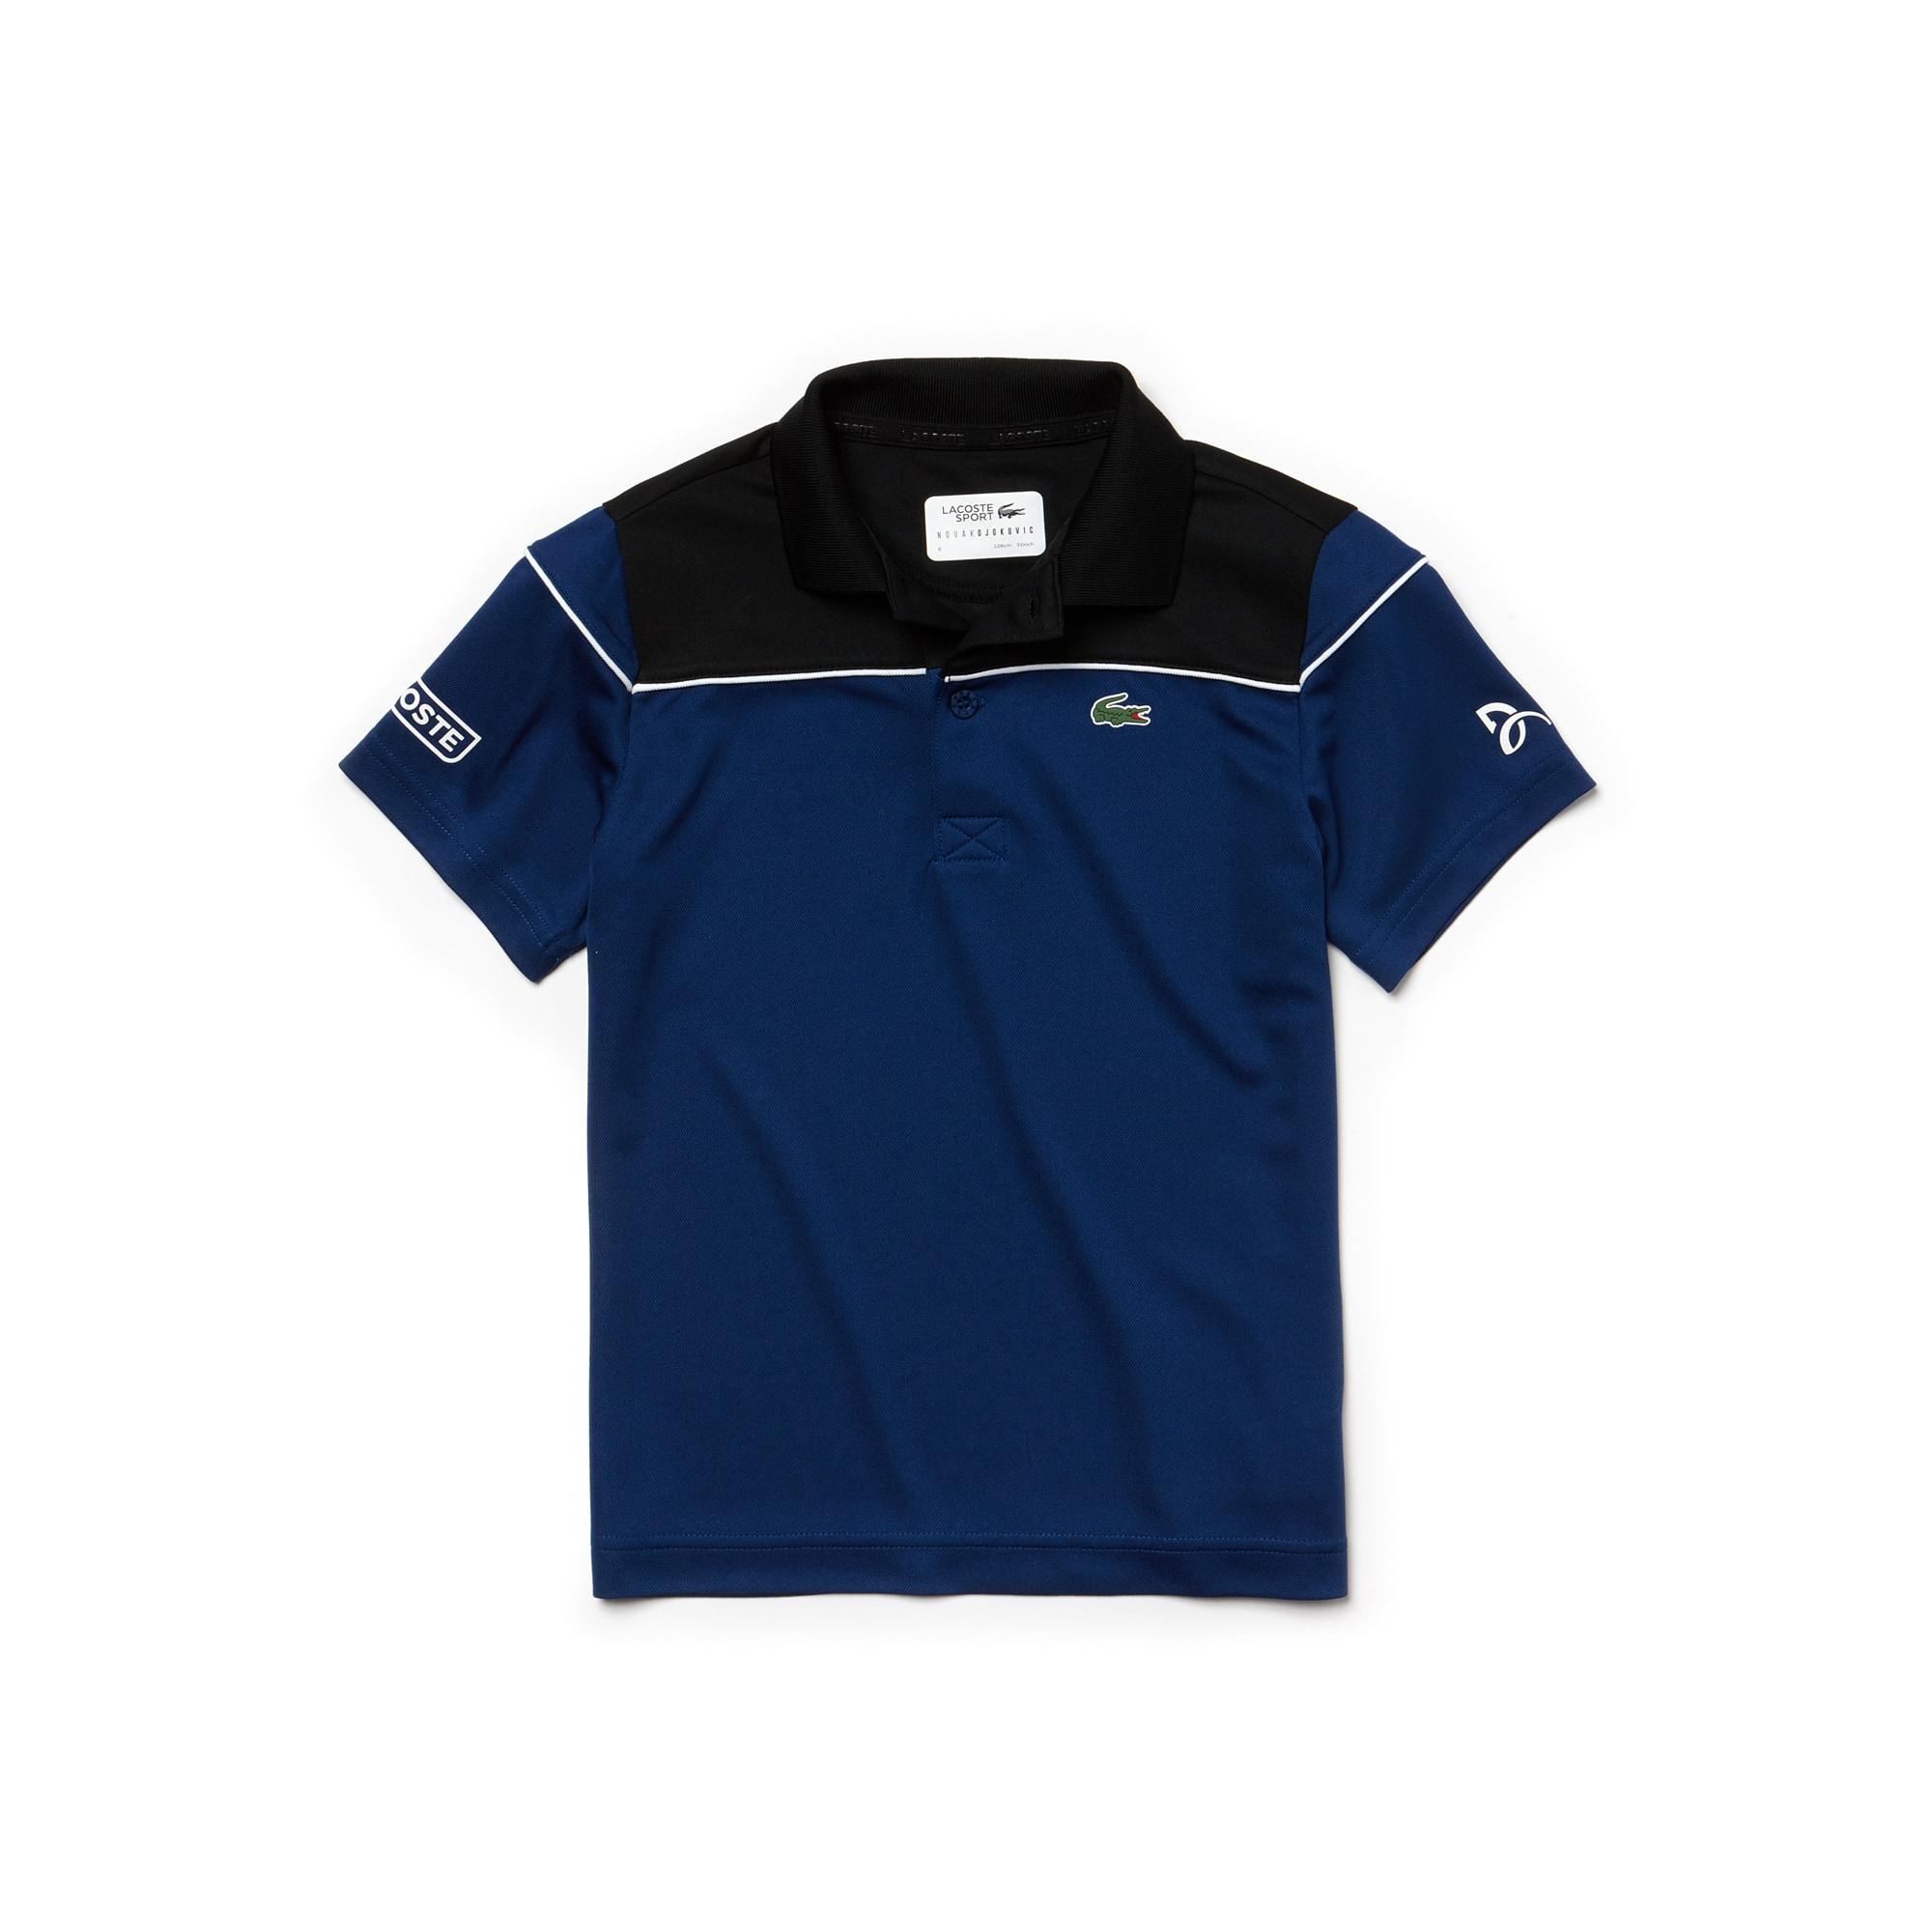 Jungen LACOSTE SPORT NOVAK DJOKOVIC COLLECTION Poloshirt